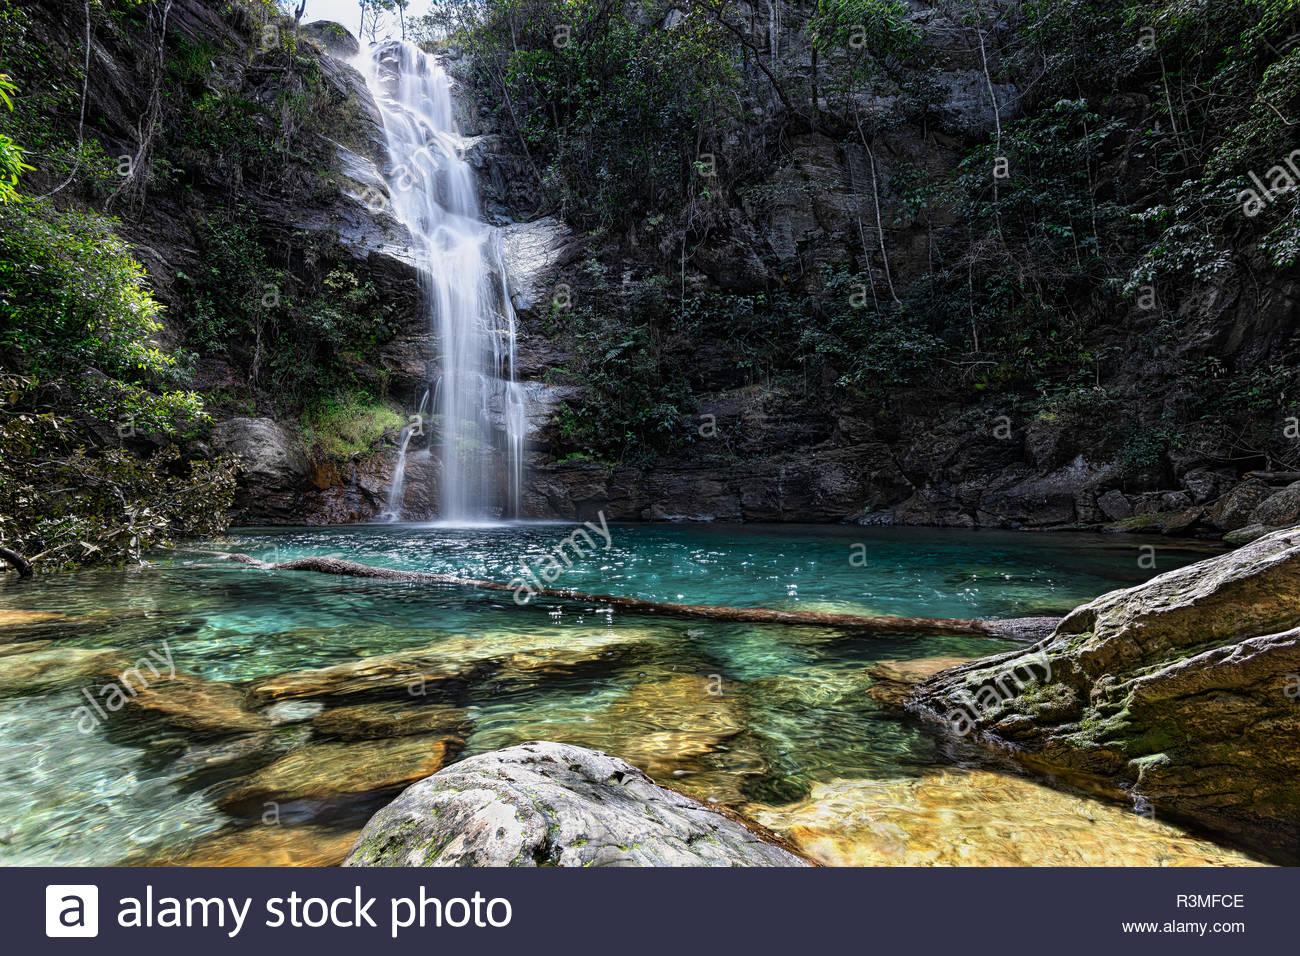 Santa Barbara waterfall, Chapada dos Veadeiros, Cavalcante, Goiás, Brazil. - Stock Image